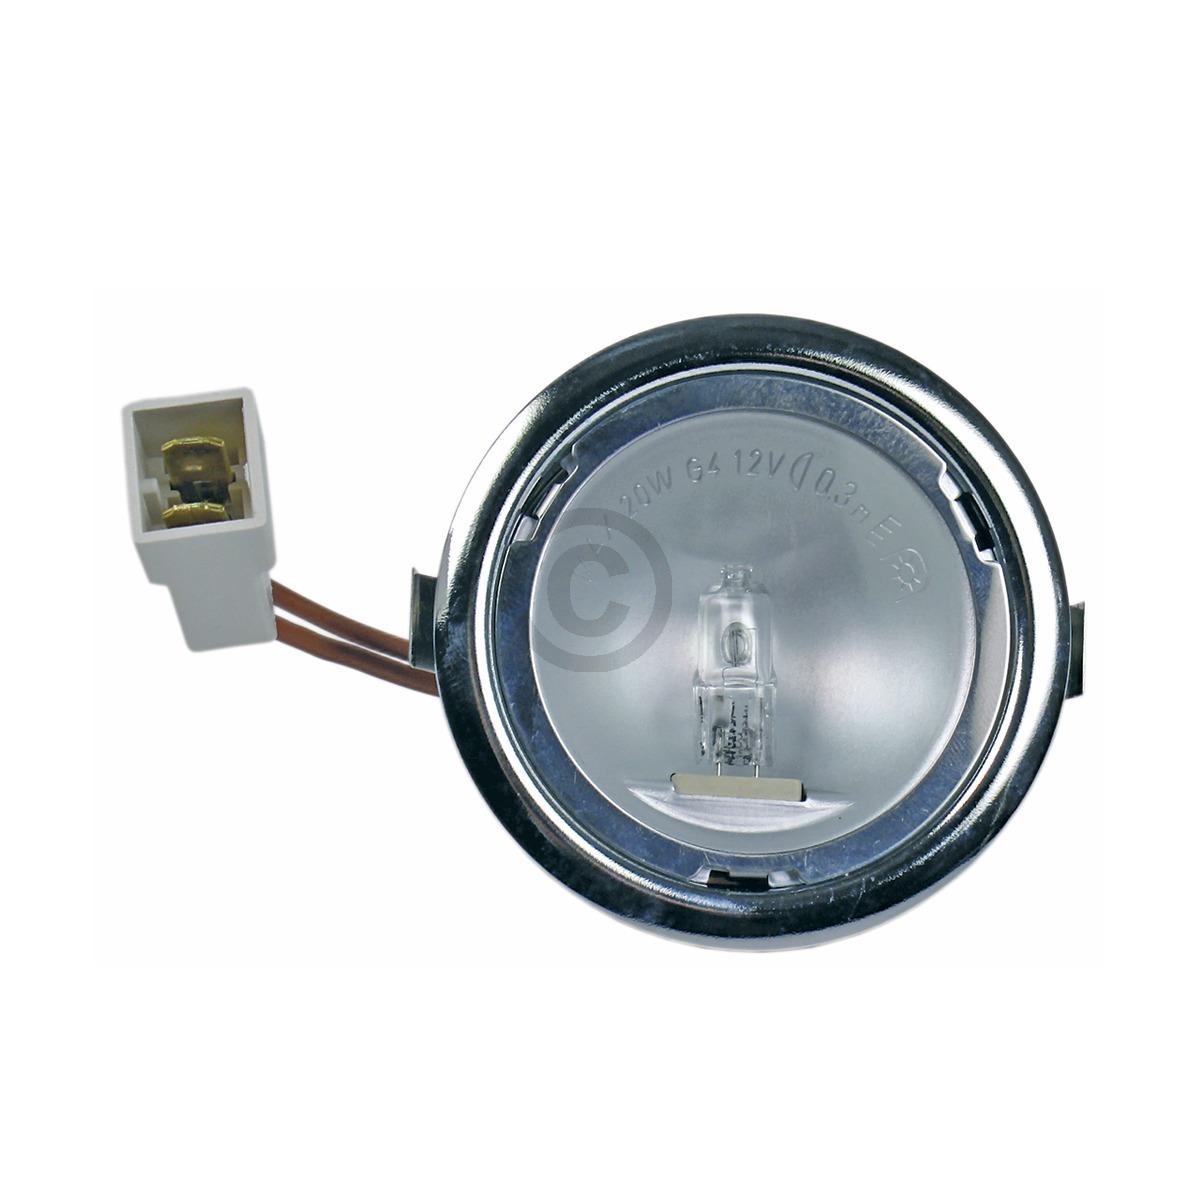 Halogenlampe G4 20W 12V AEG 5026158400/2 kpl mit Gehäuse für Dunstabzugshaube